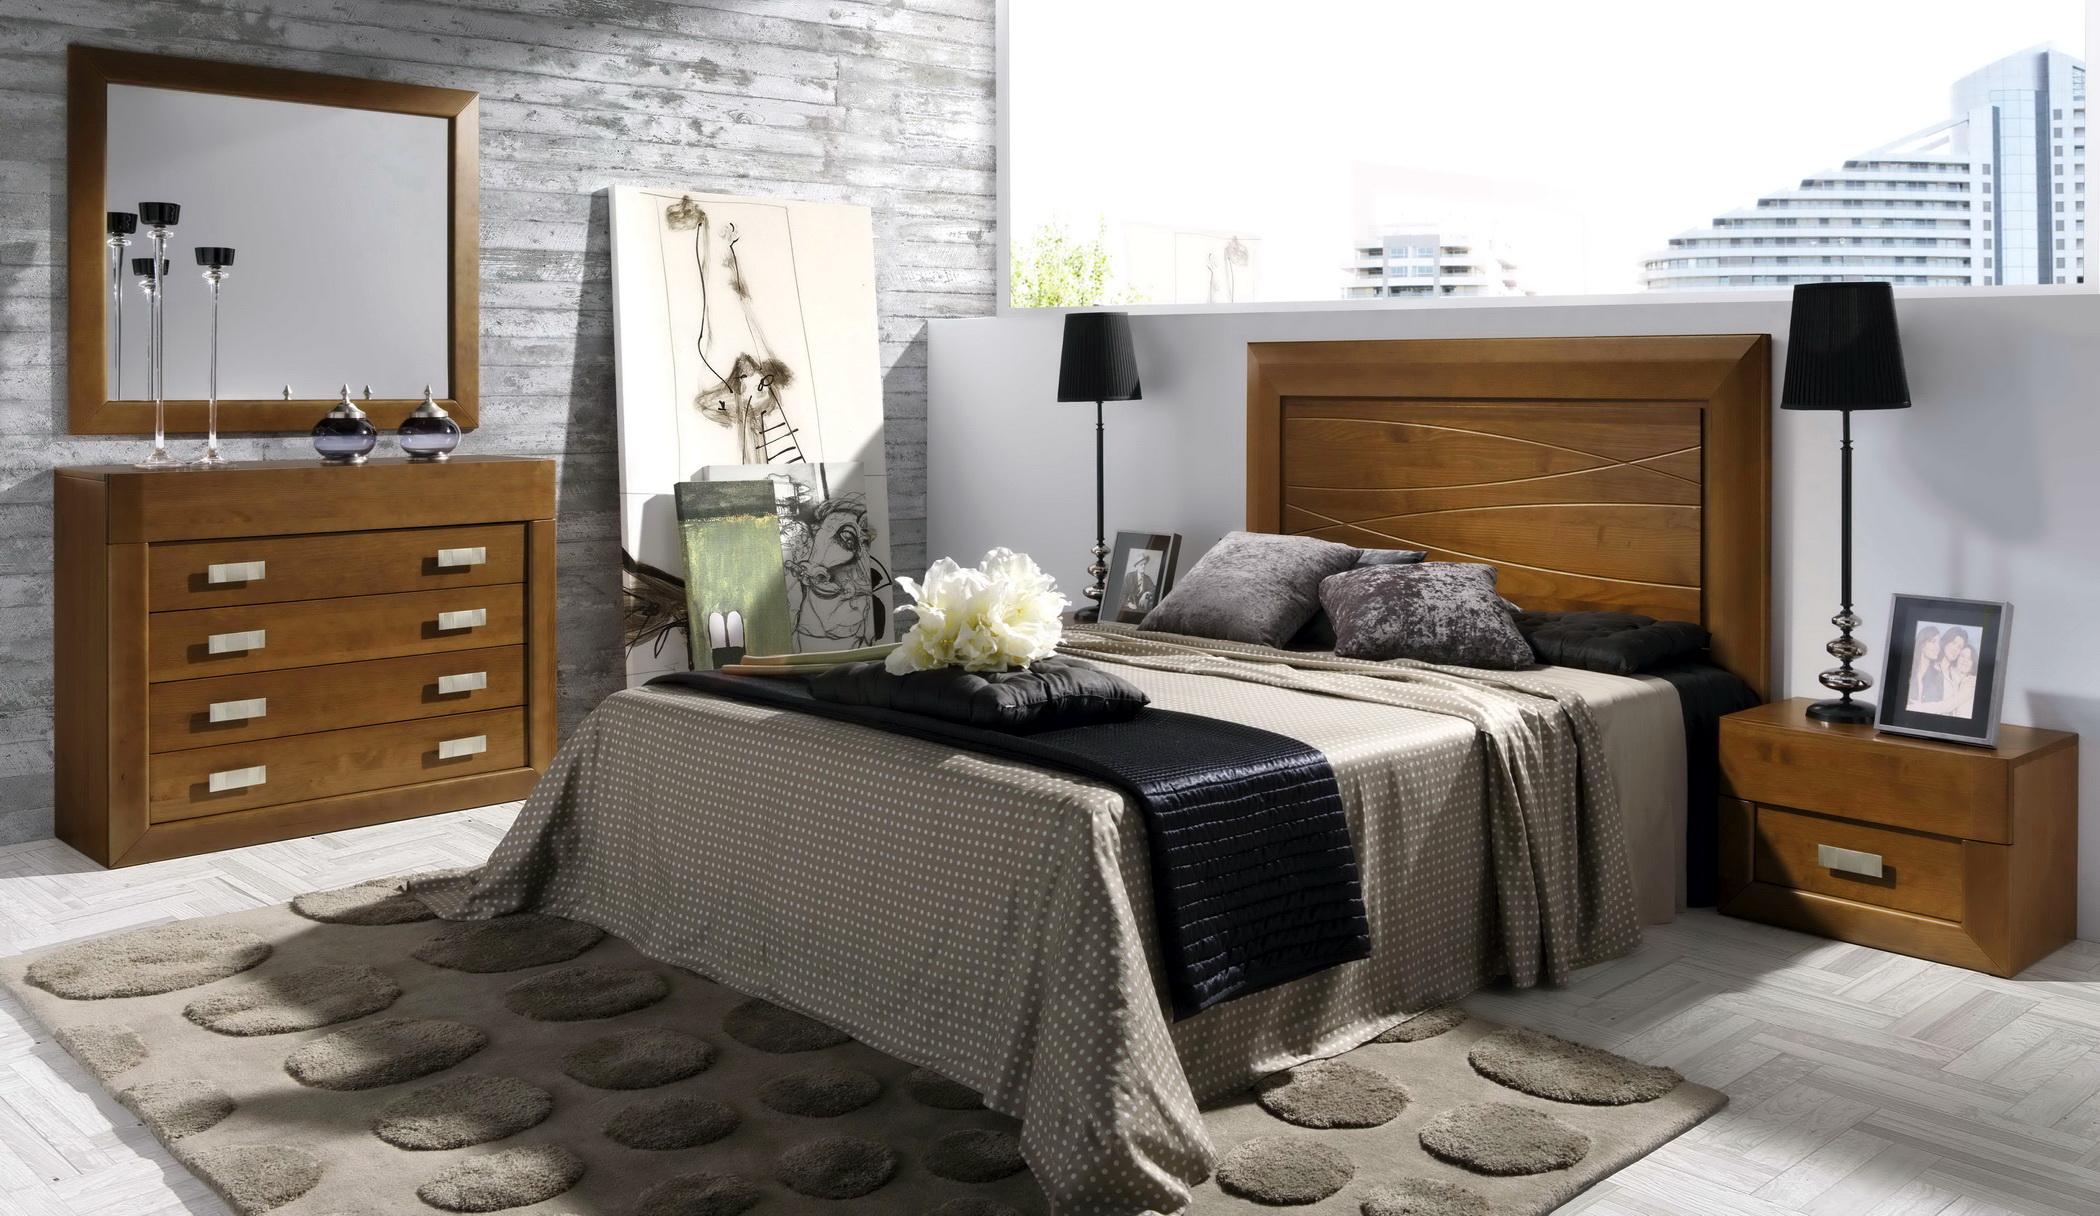 Neva dormitorio by indufex muebles anto n - Muebles modulares dormitorio ...